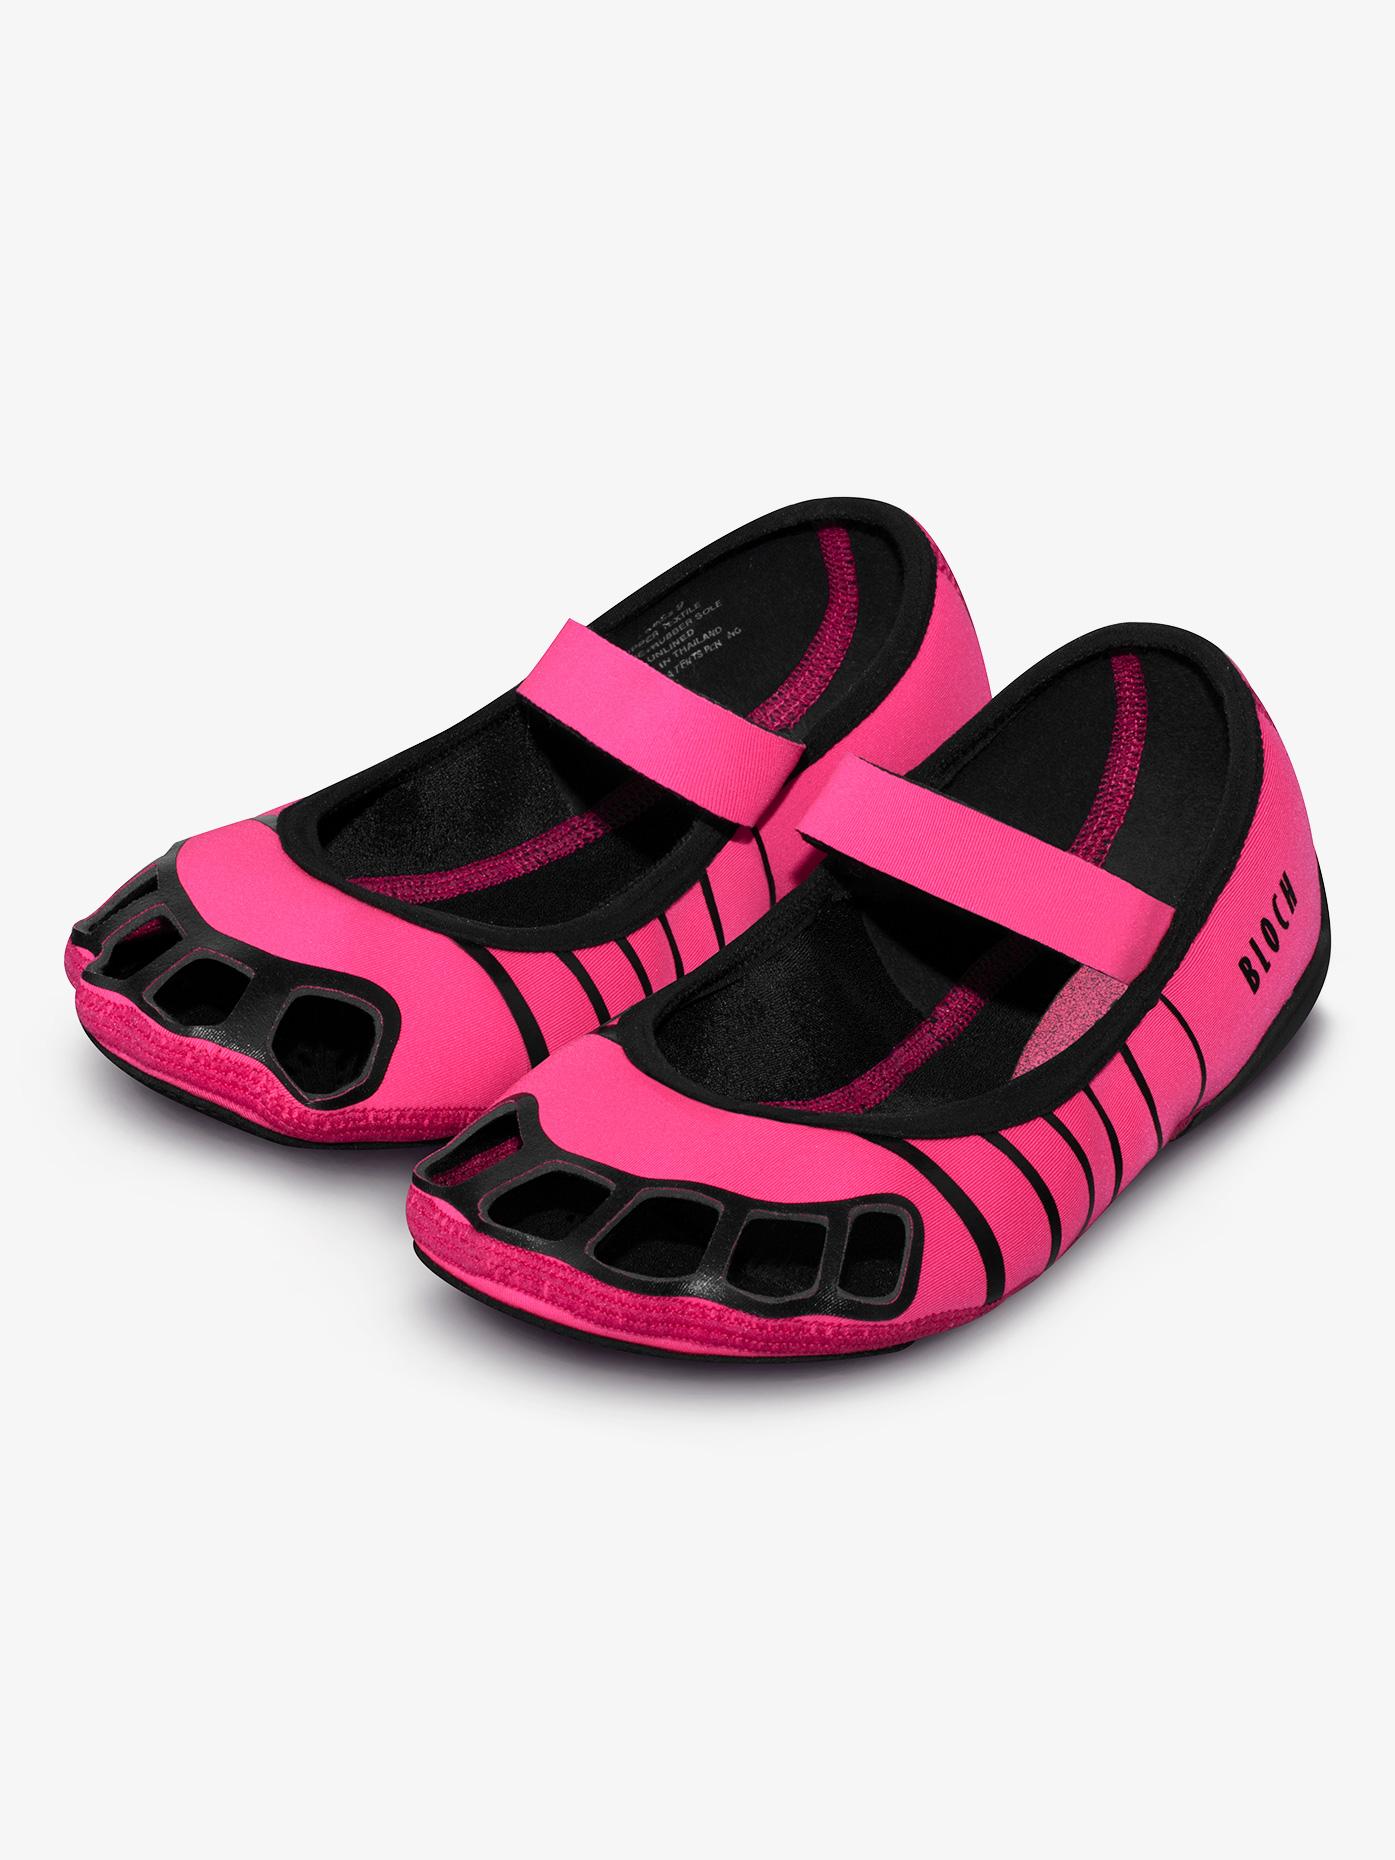 Bloch Womens Balance Rubber Sole Barre Shoe S1276R